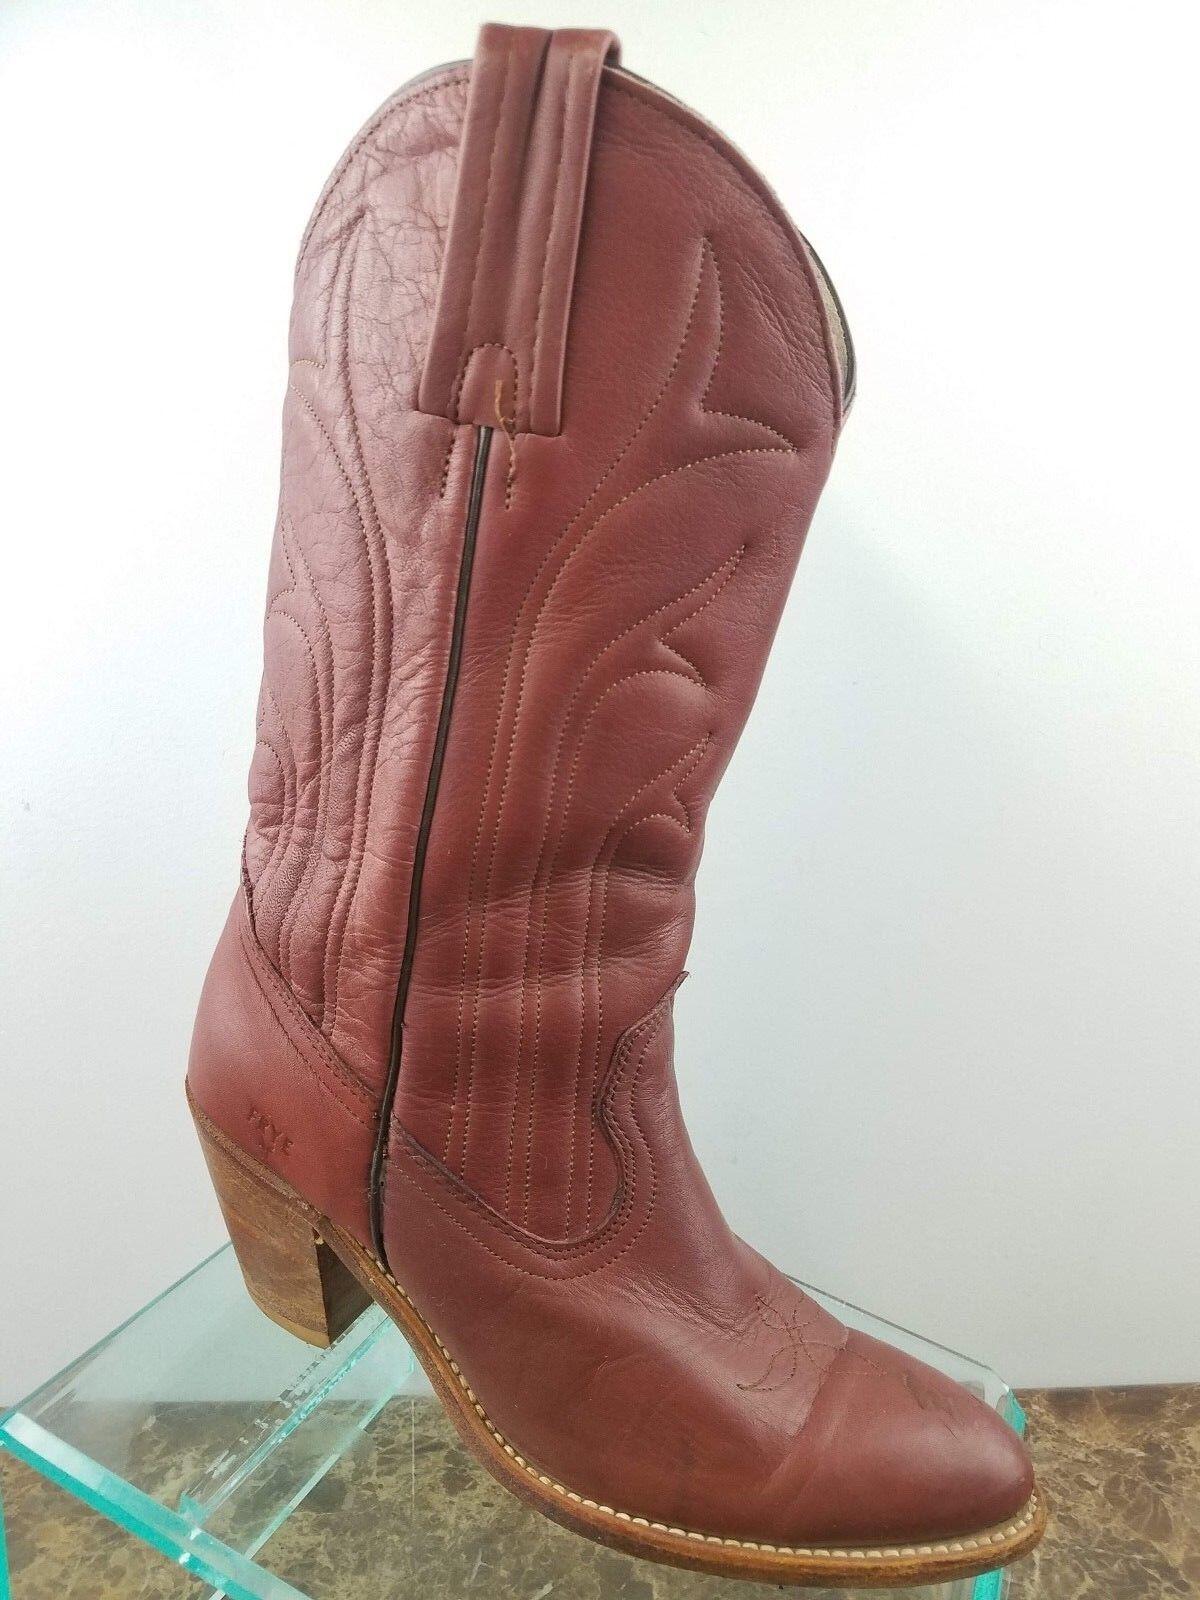 Vintage Frye bspringaaa läder Western Slip på Tooloed Cowboy stövlar kvinnor 8B